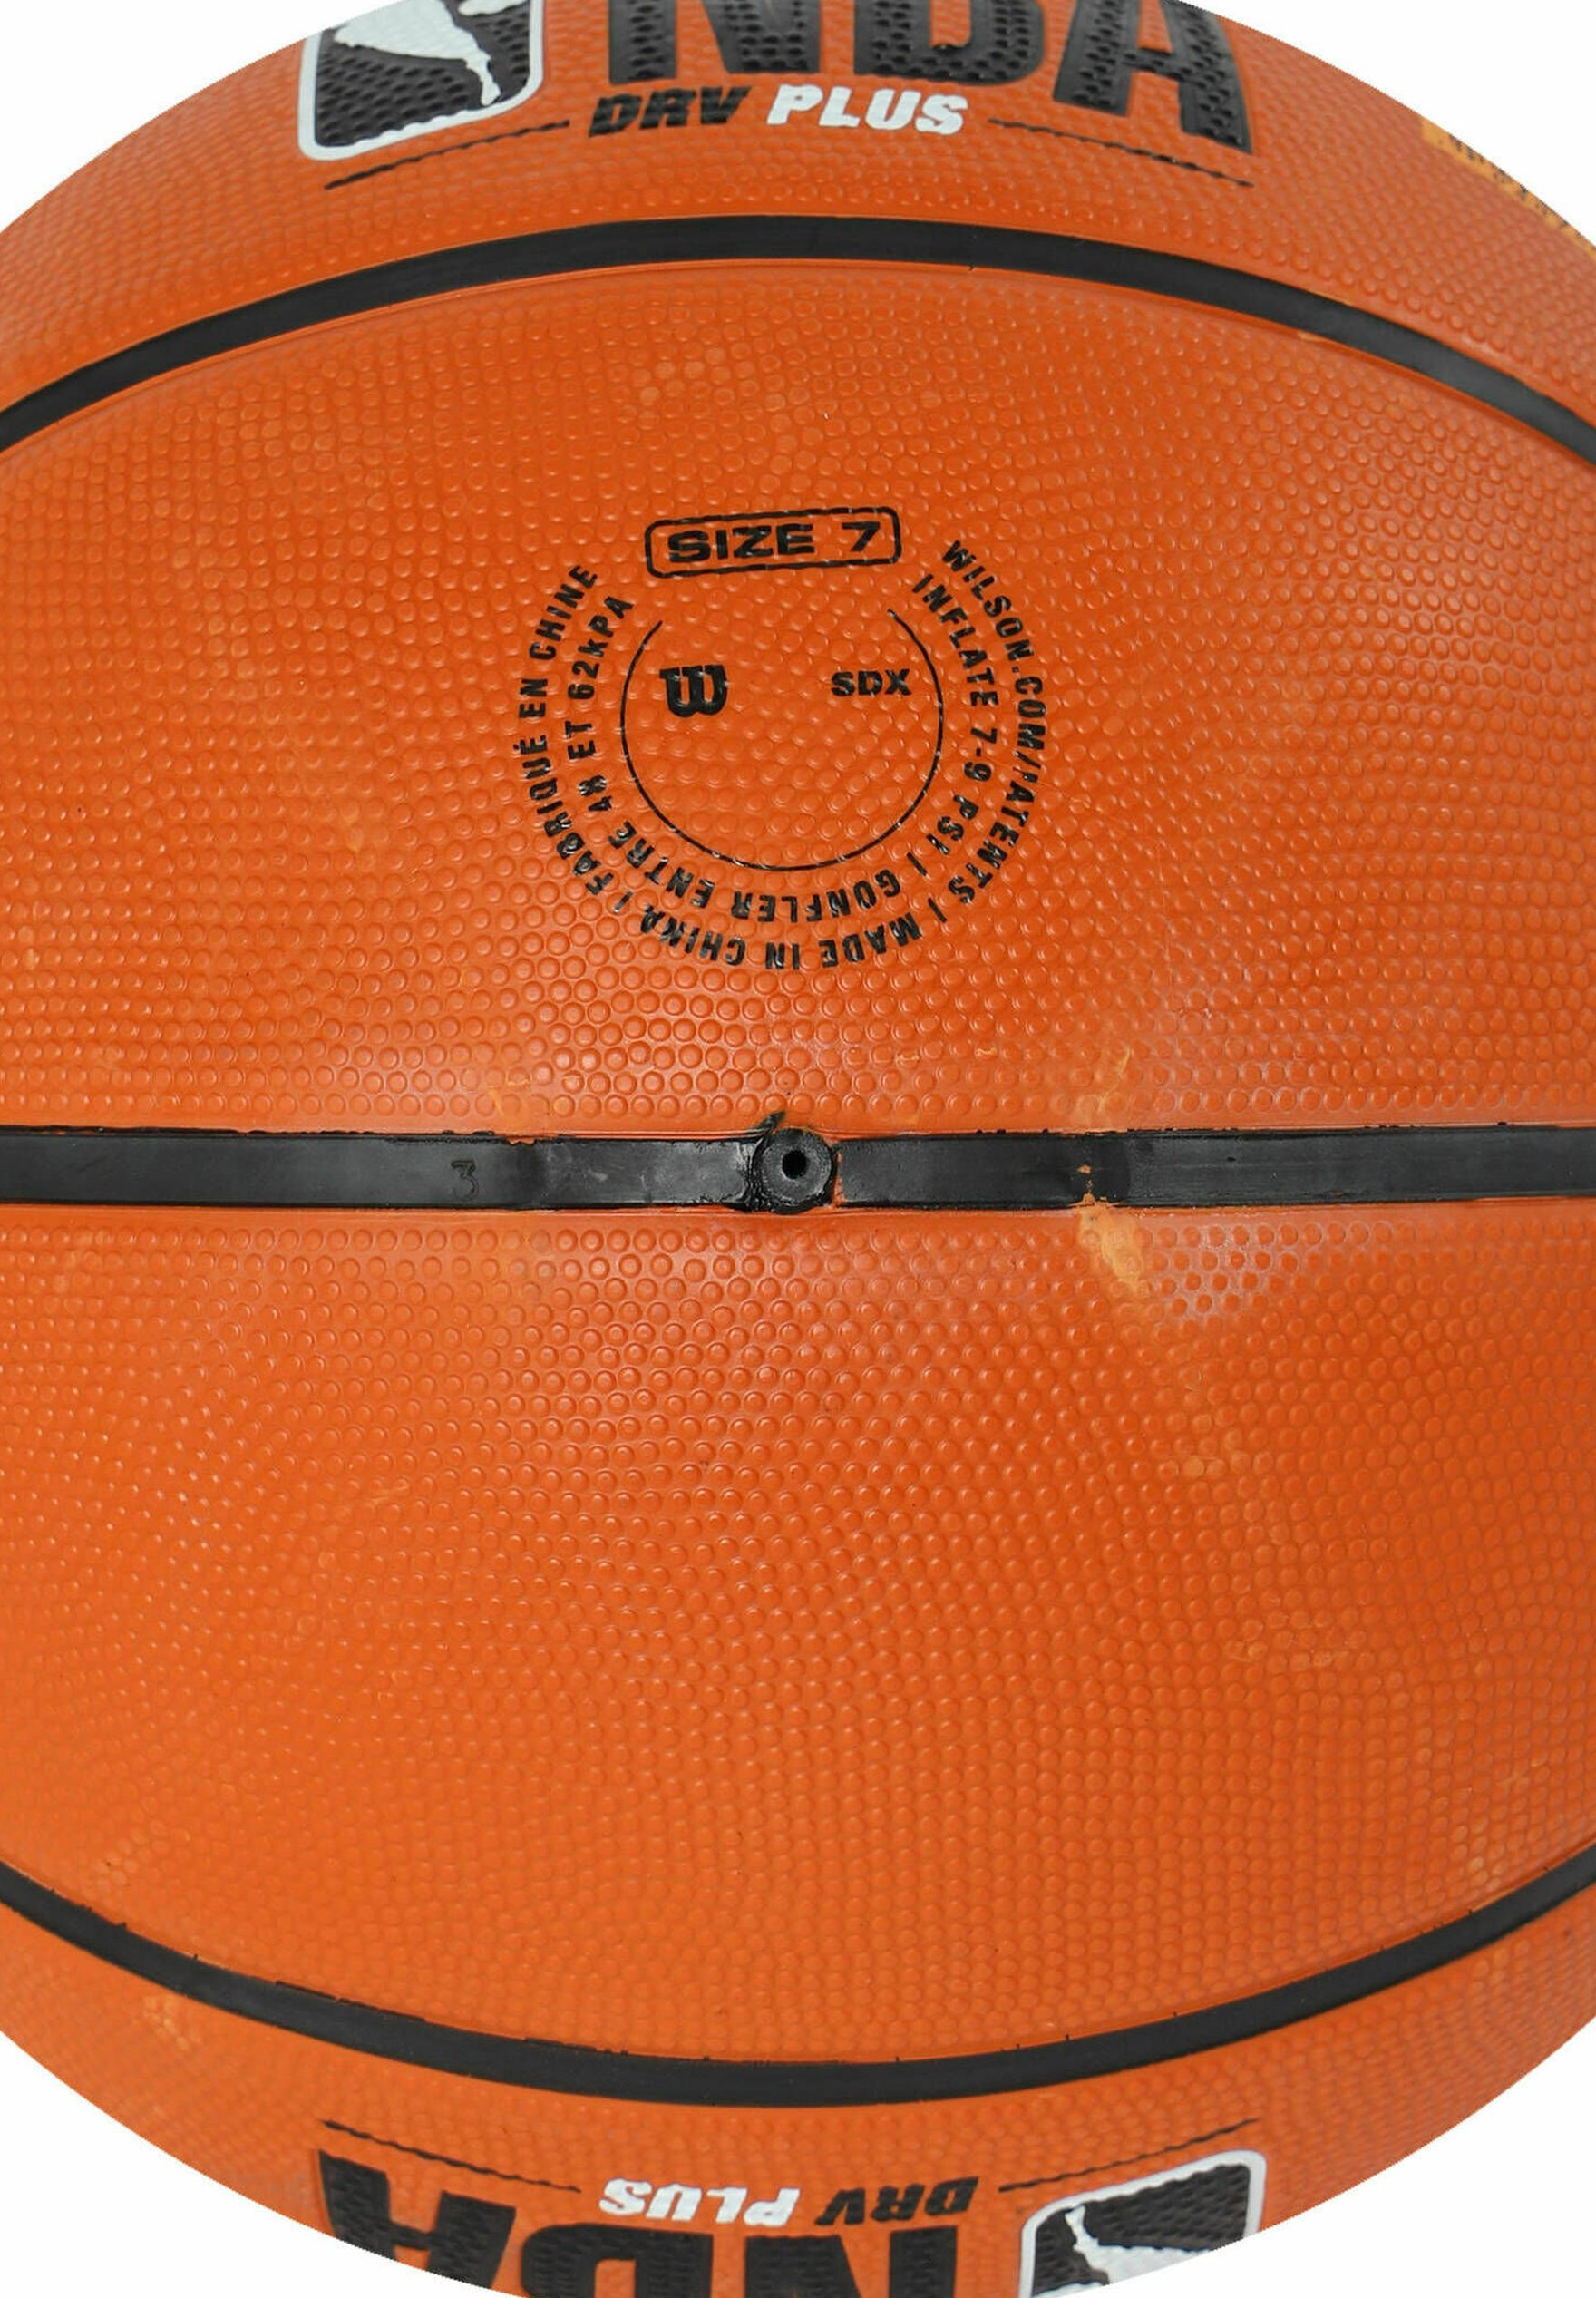 Herren NBA DRV PLUS - Basketball